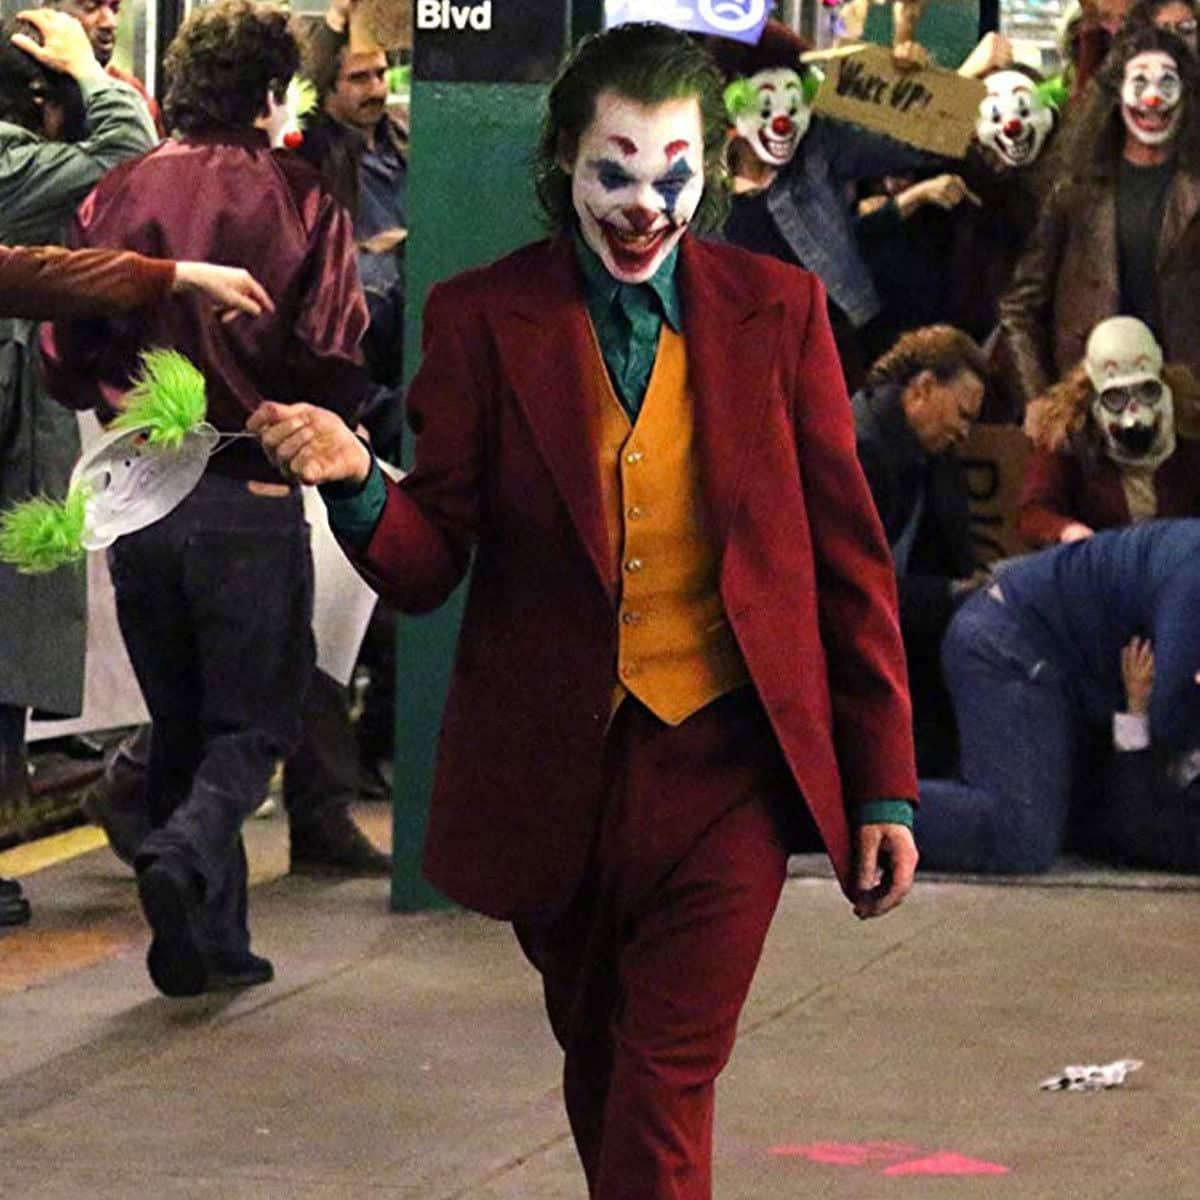 joaquin phoenix Joker Coat The 20 Biggest Ways Joker Breaks the Superhero Mold